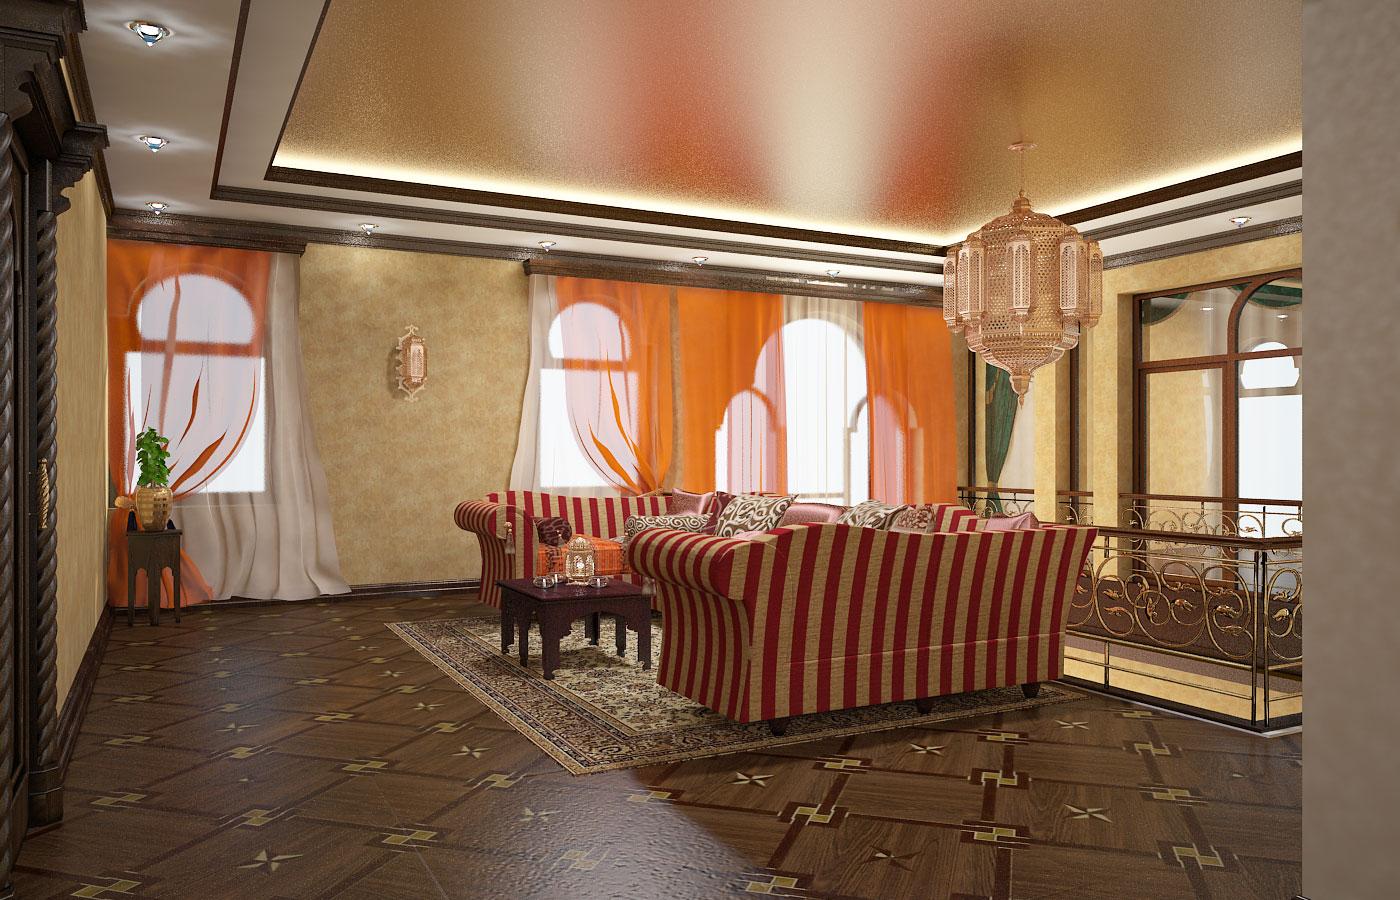 Интерьер дома в восточном стиле в Ташкенте